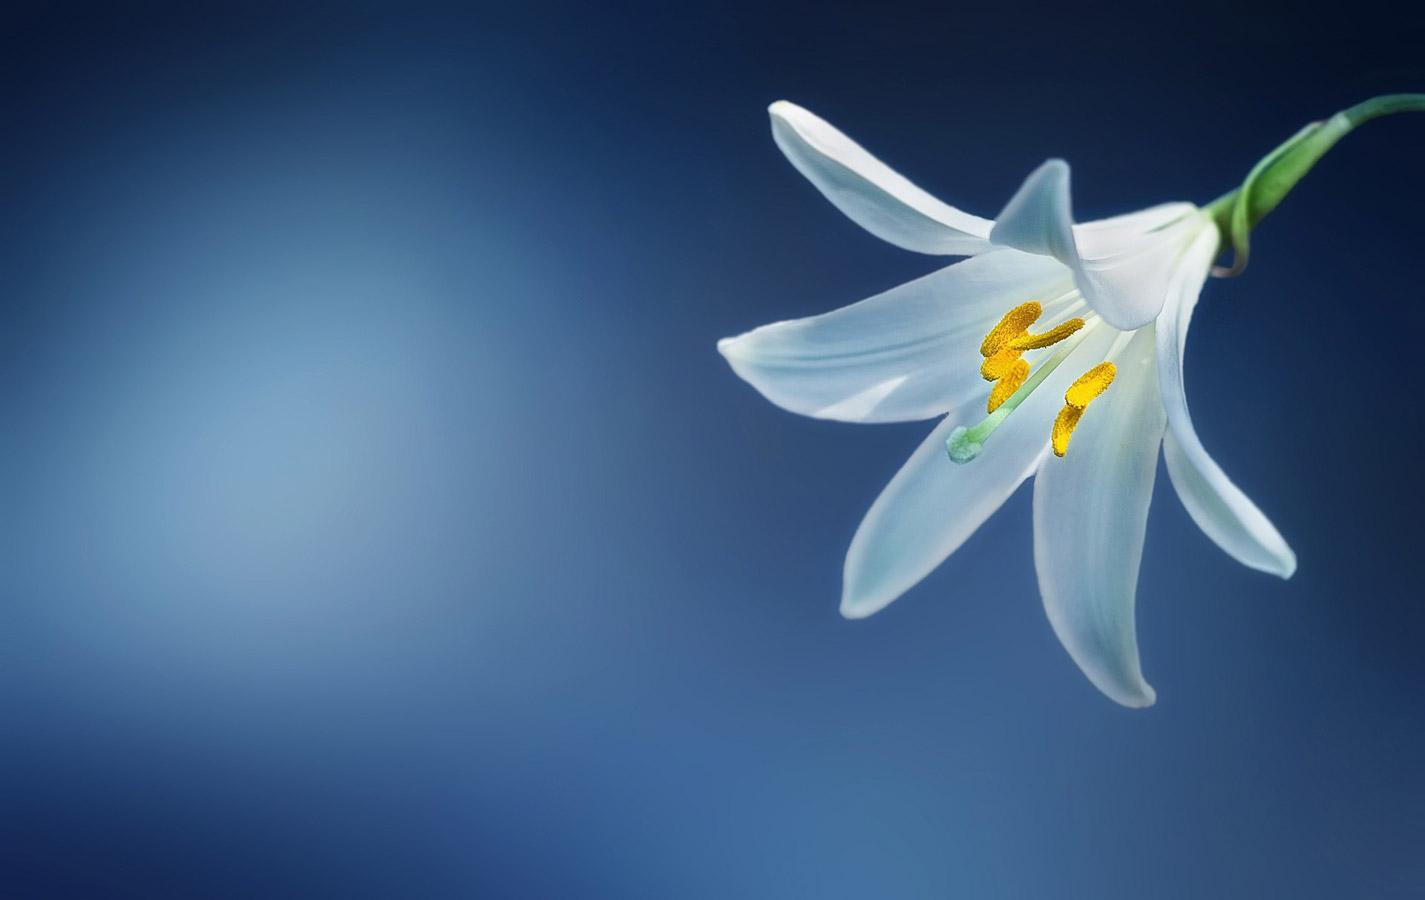 Фотоконкурс «Художественное фото в синем» — Blue Fine Art